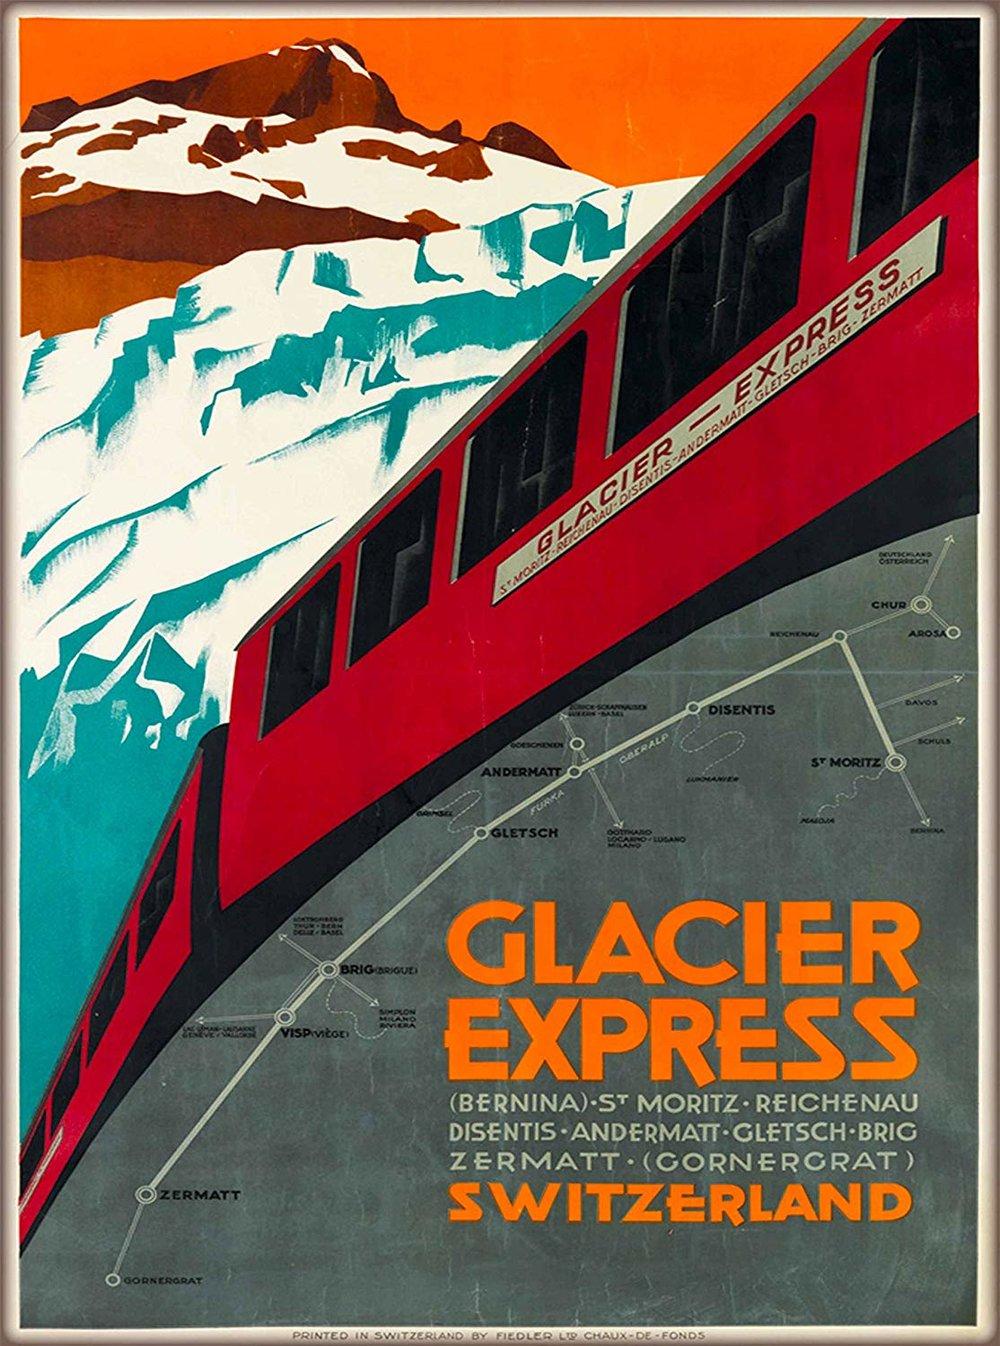 Vintage Glacier Express poster.jpg